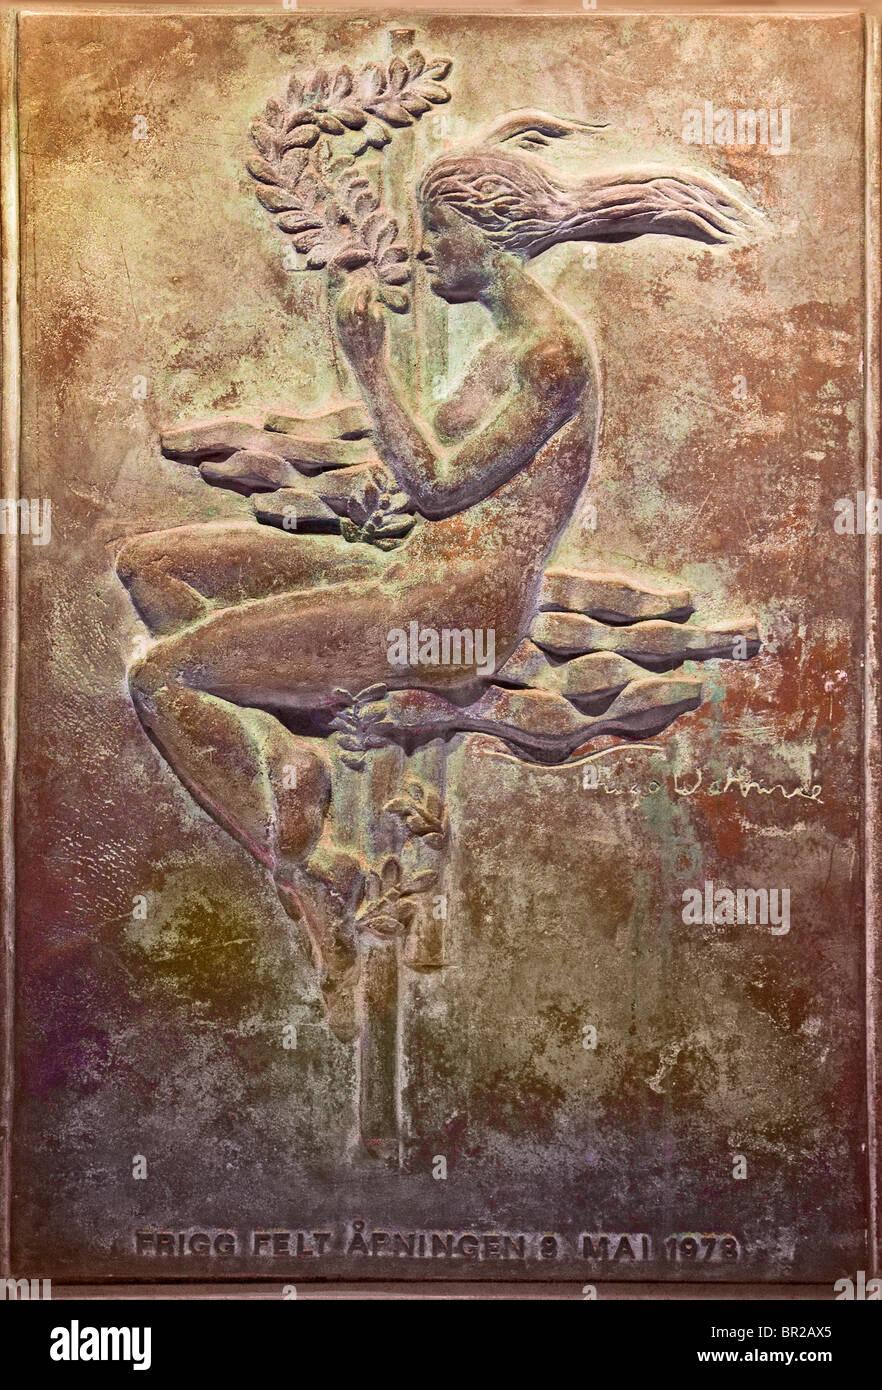 la escultura del artista hugo frank watne de la mitología nórdica